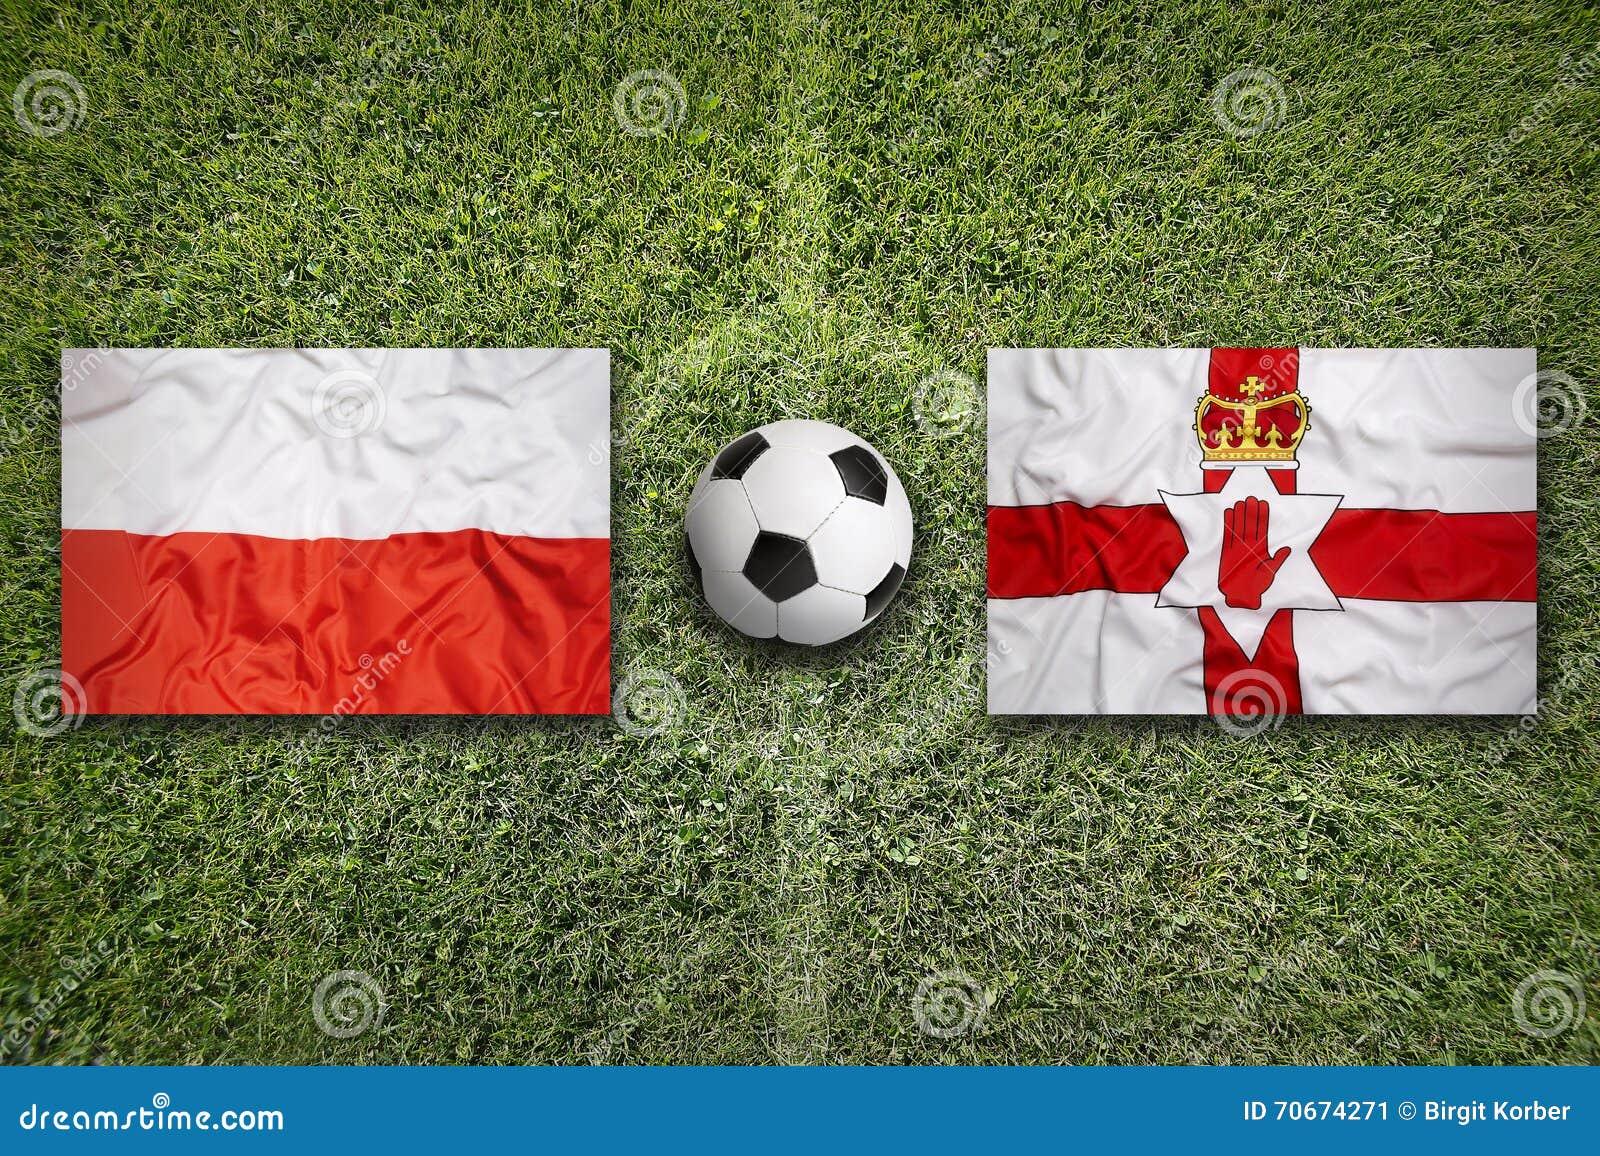 Polska vs Północny - Ireland flaga na boisko do piłki nożnej